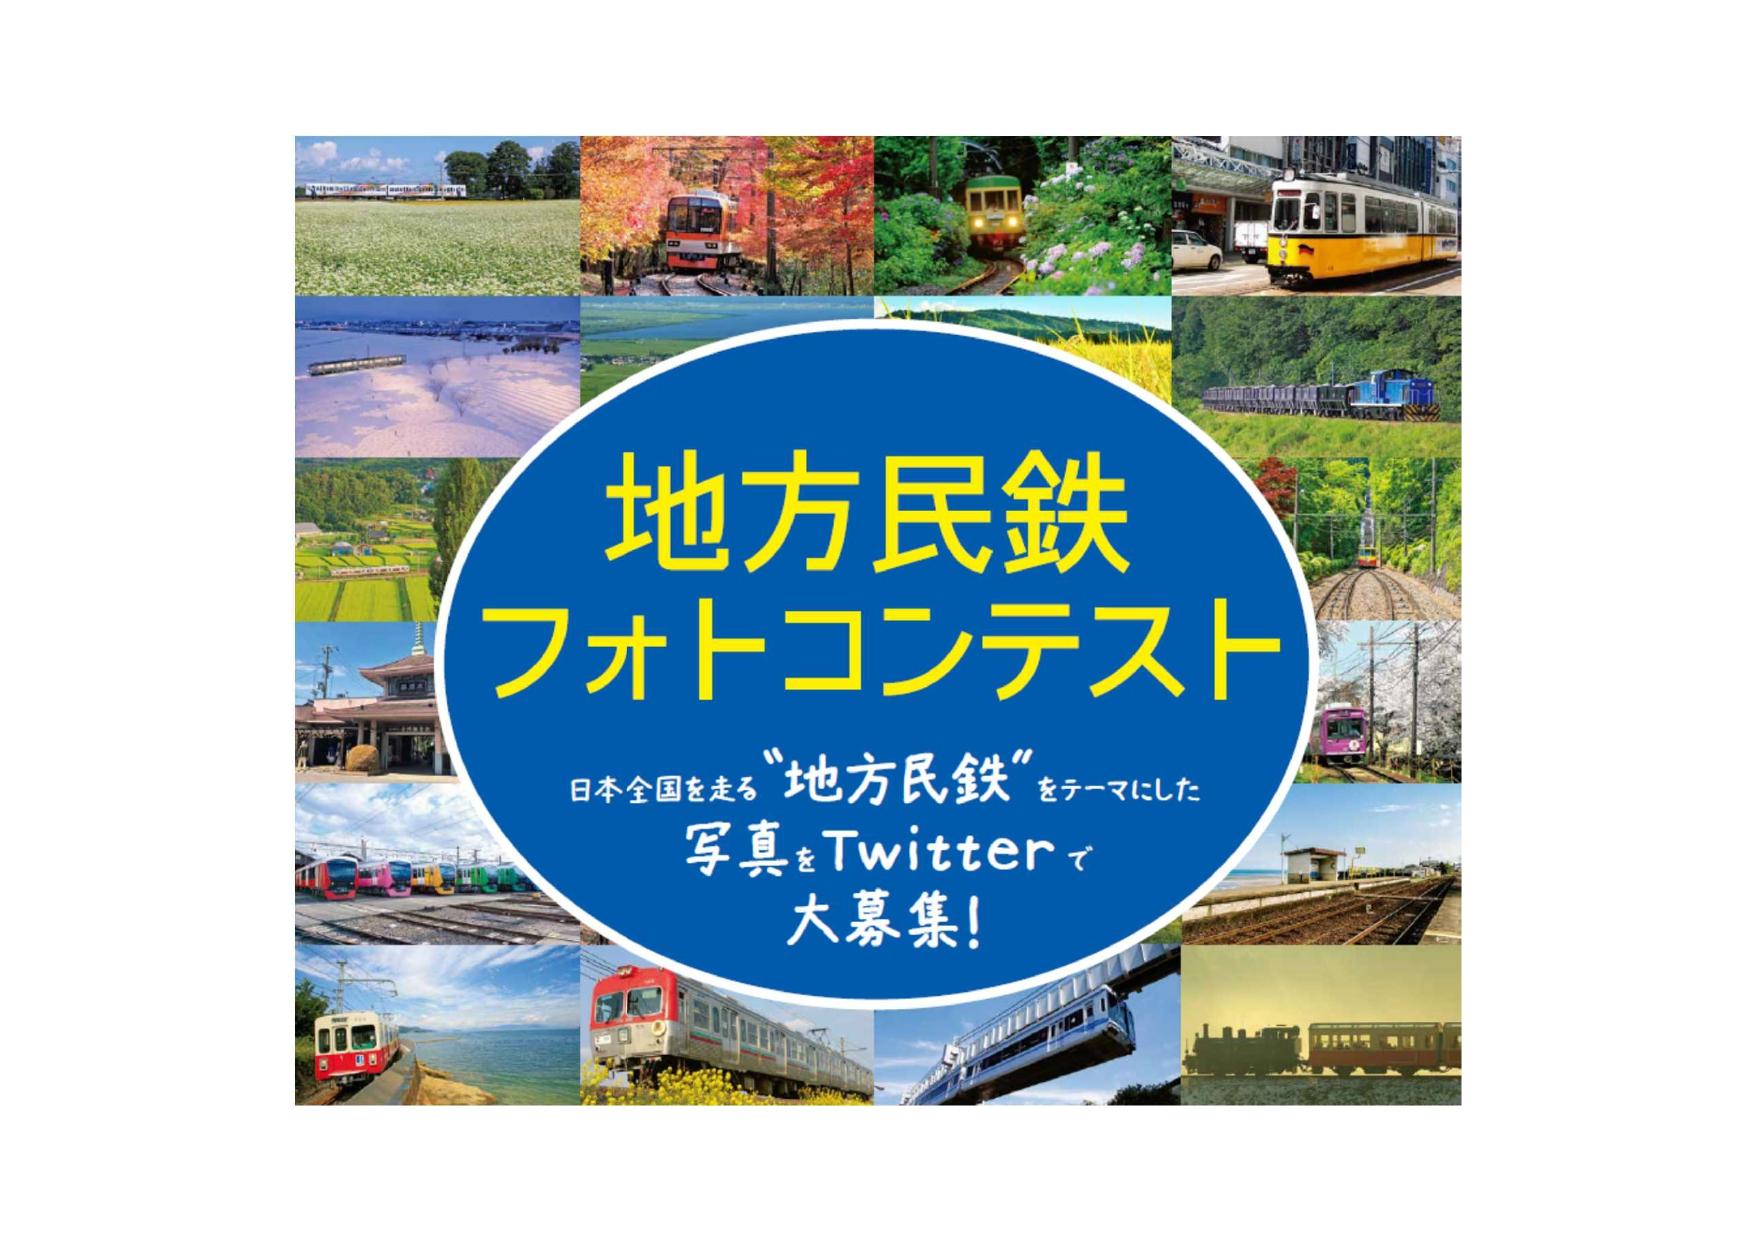 『地方民鉄フォトコンテスト2021』開催!  【日本民営鉄道協会】